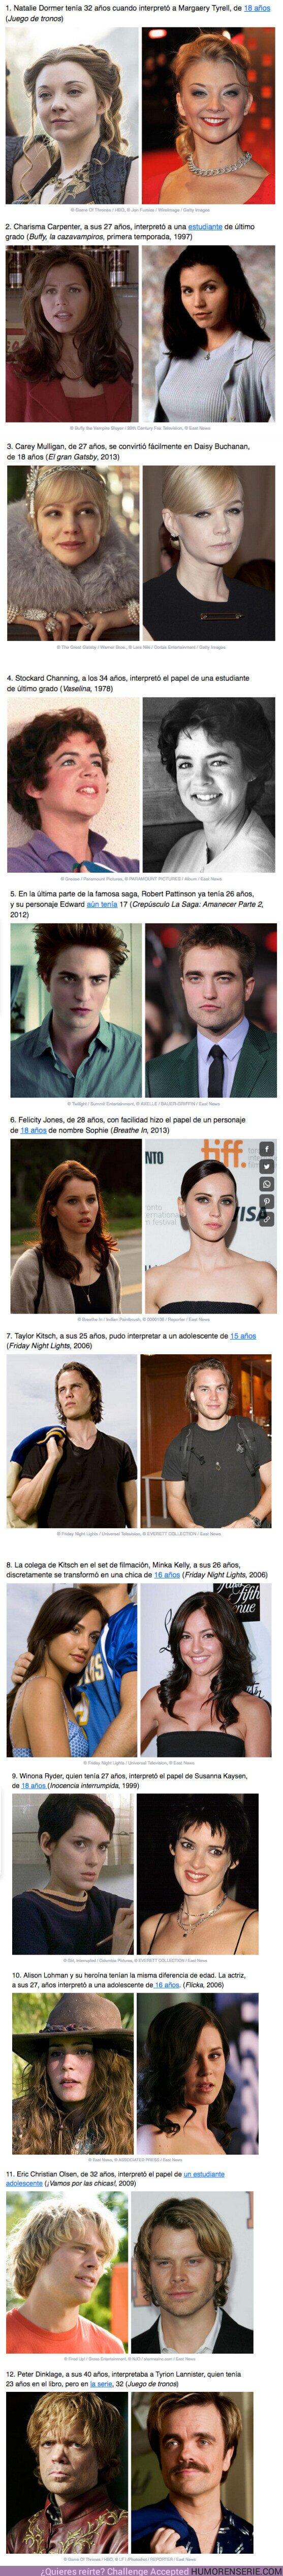 52912 - GALERÍA: 12 actores y actrices que intepretaron personajes MUCHO más jóvenes sin que se notara